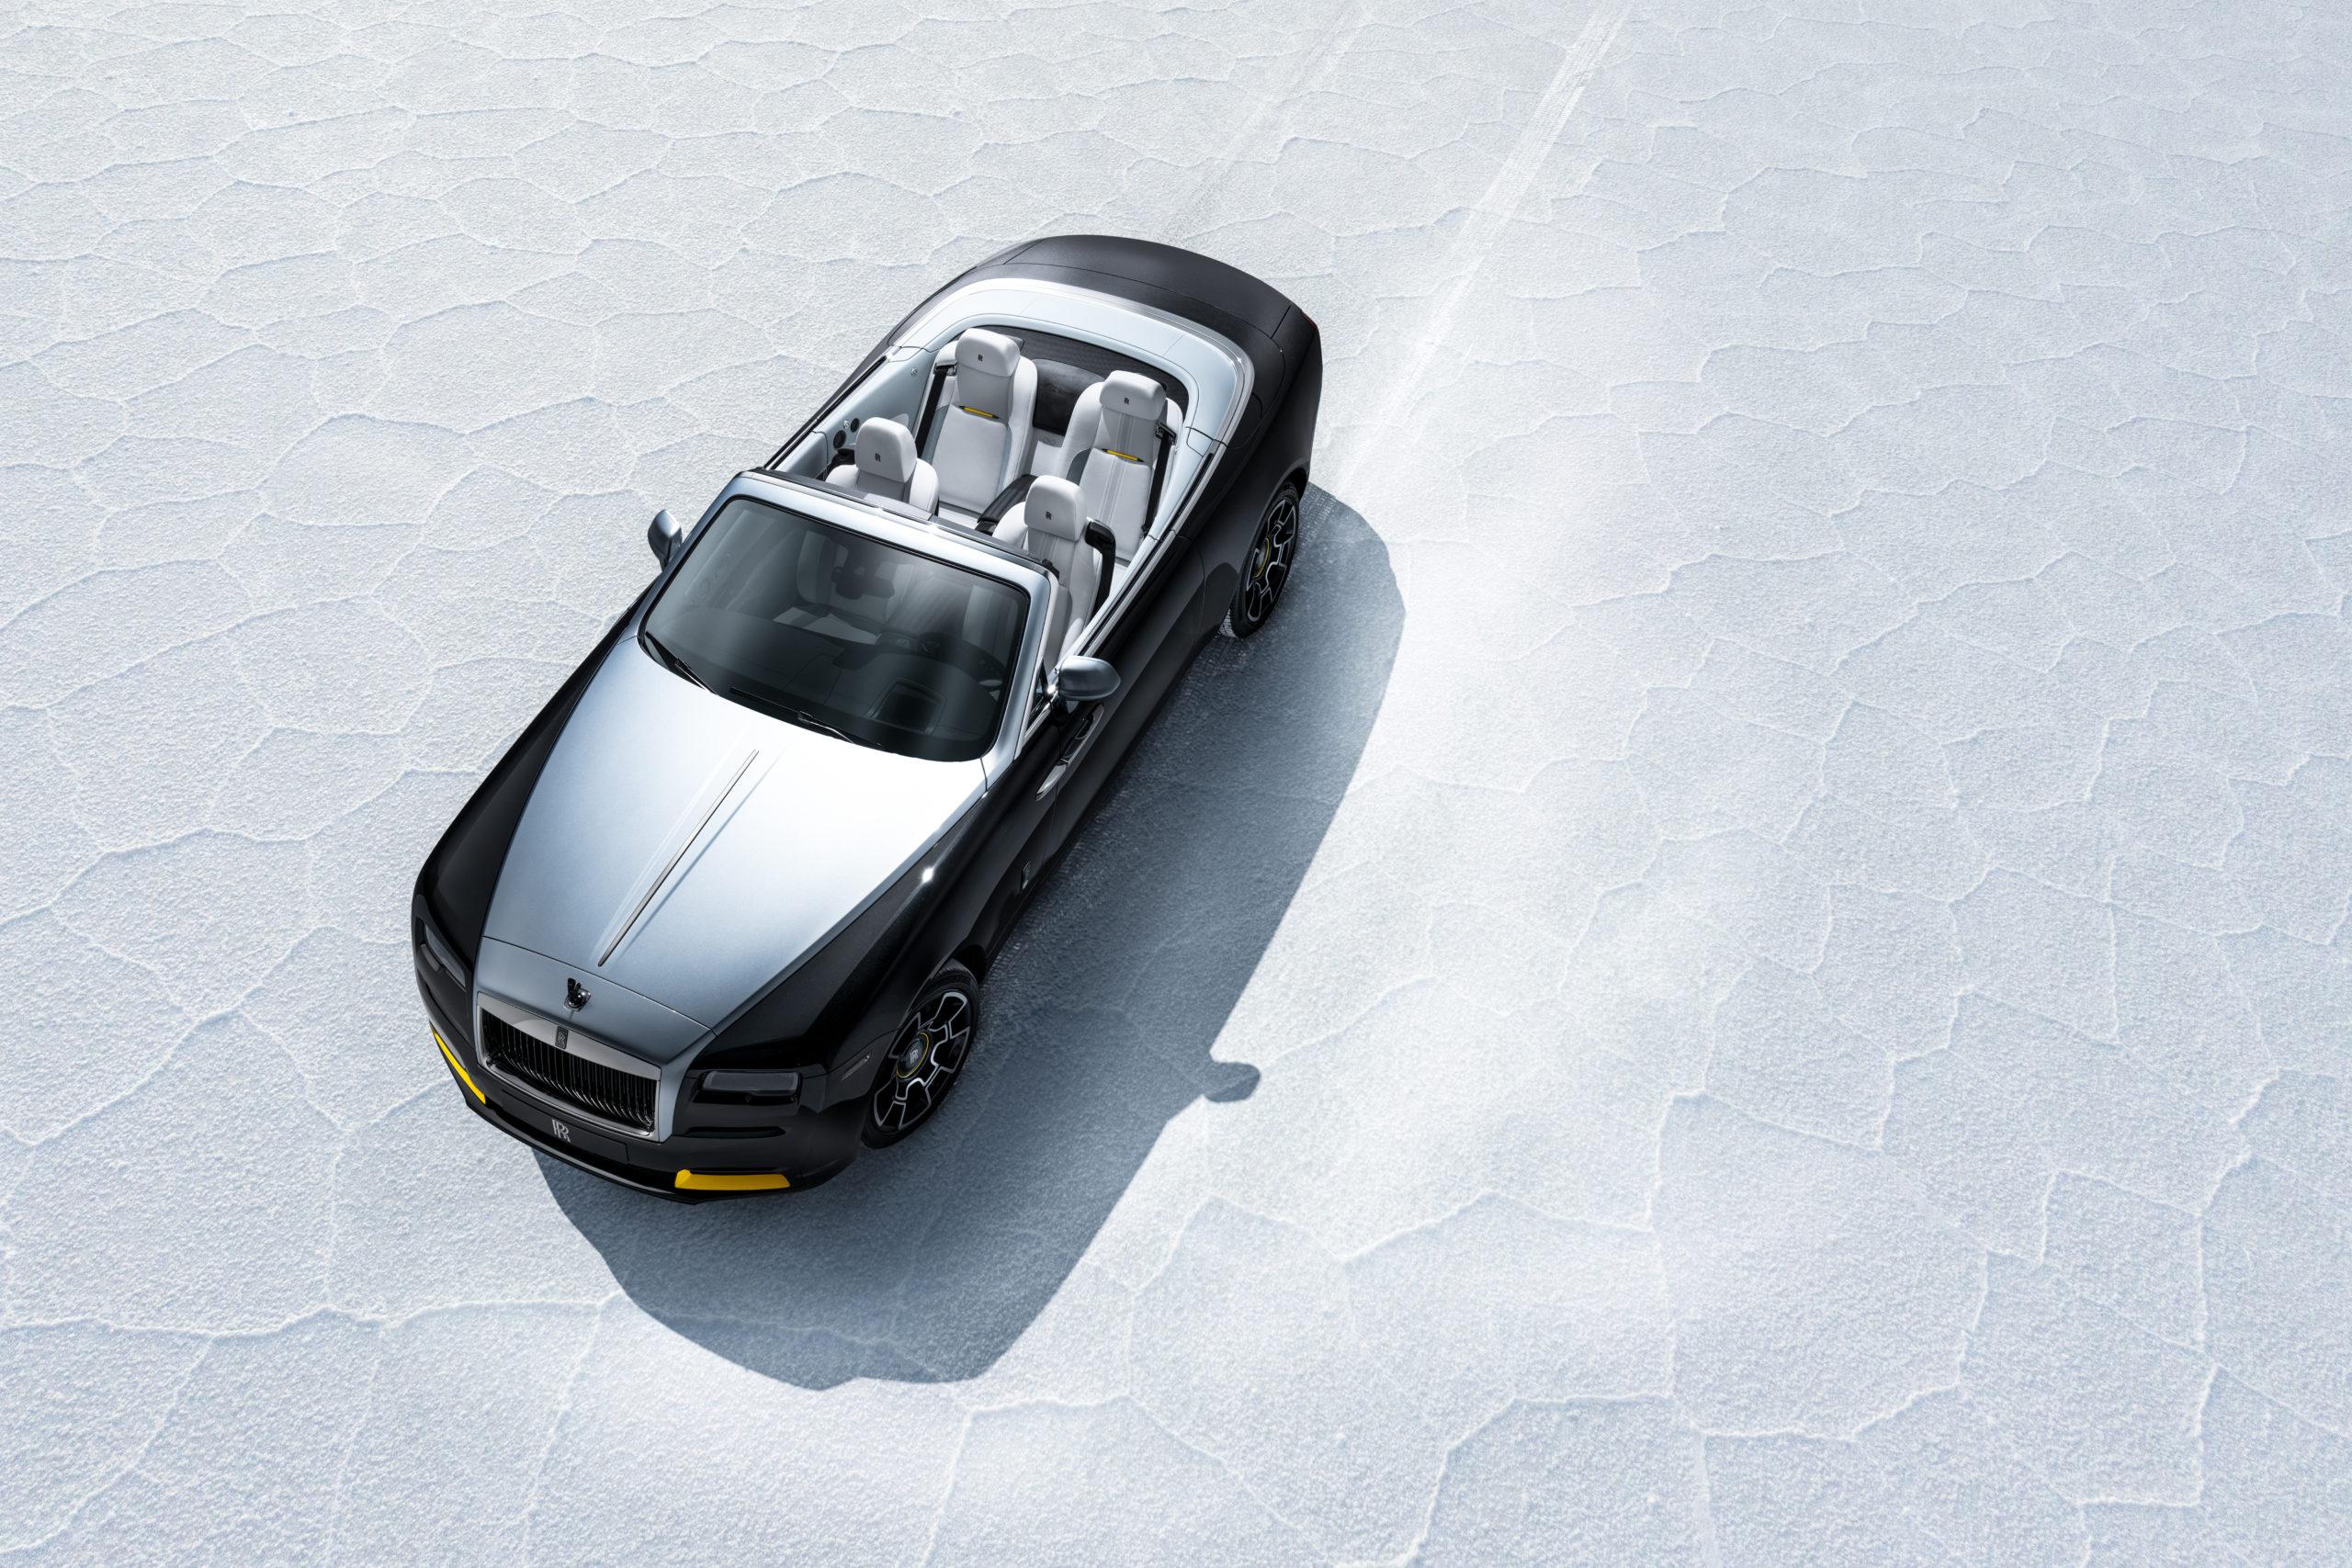 2021 Rolls Royce Dawn